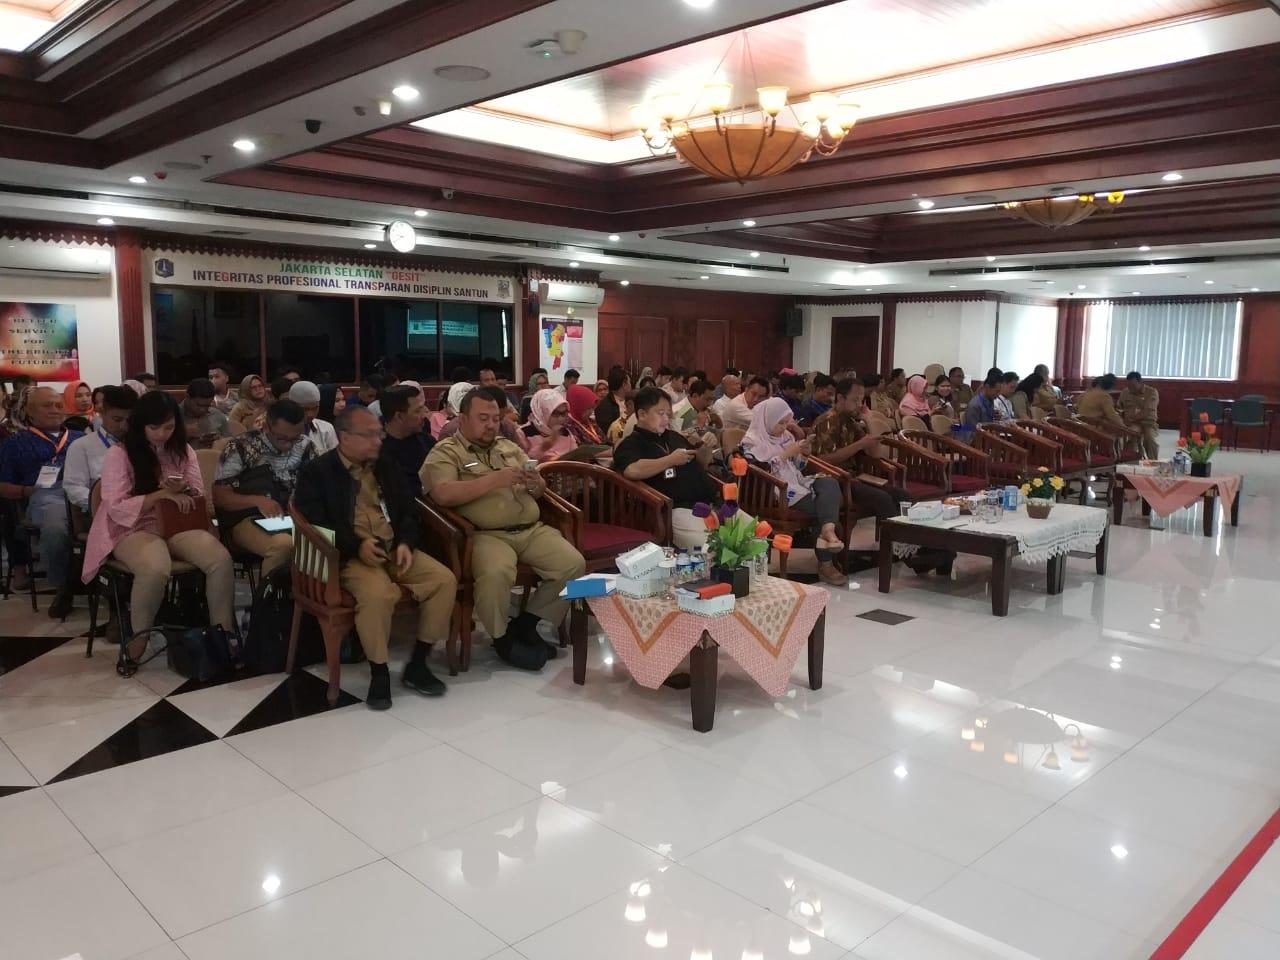 Sosialisasi Peraturan Pajak Daerah di Jakarta Selatan